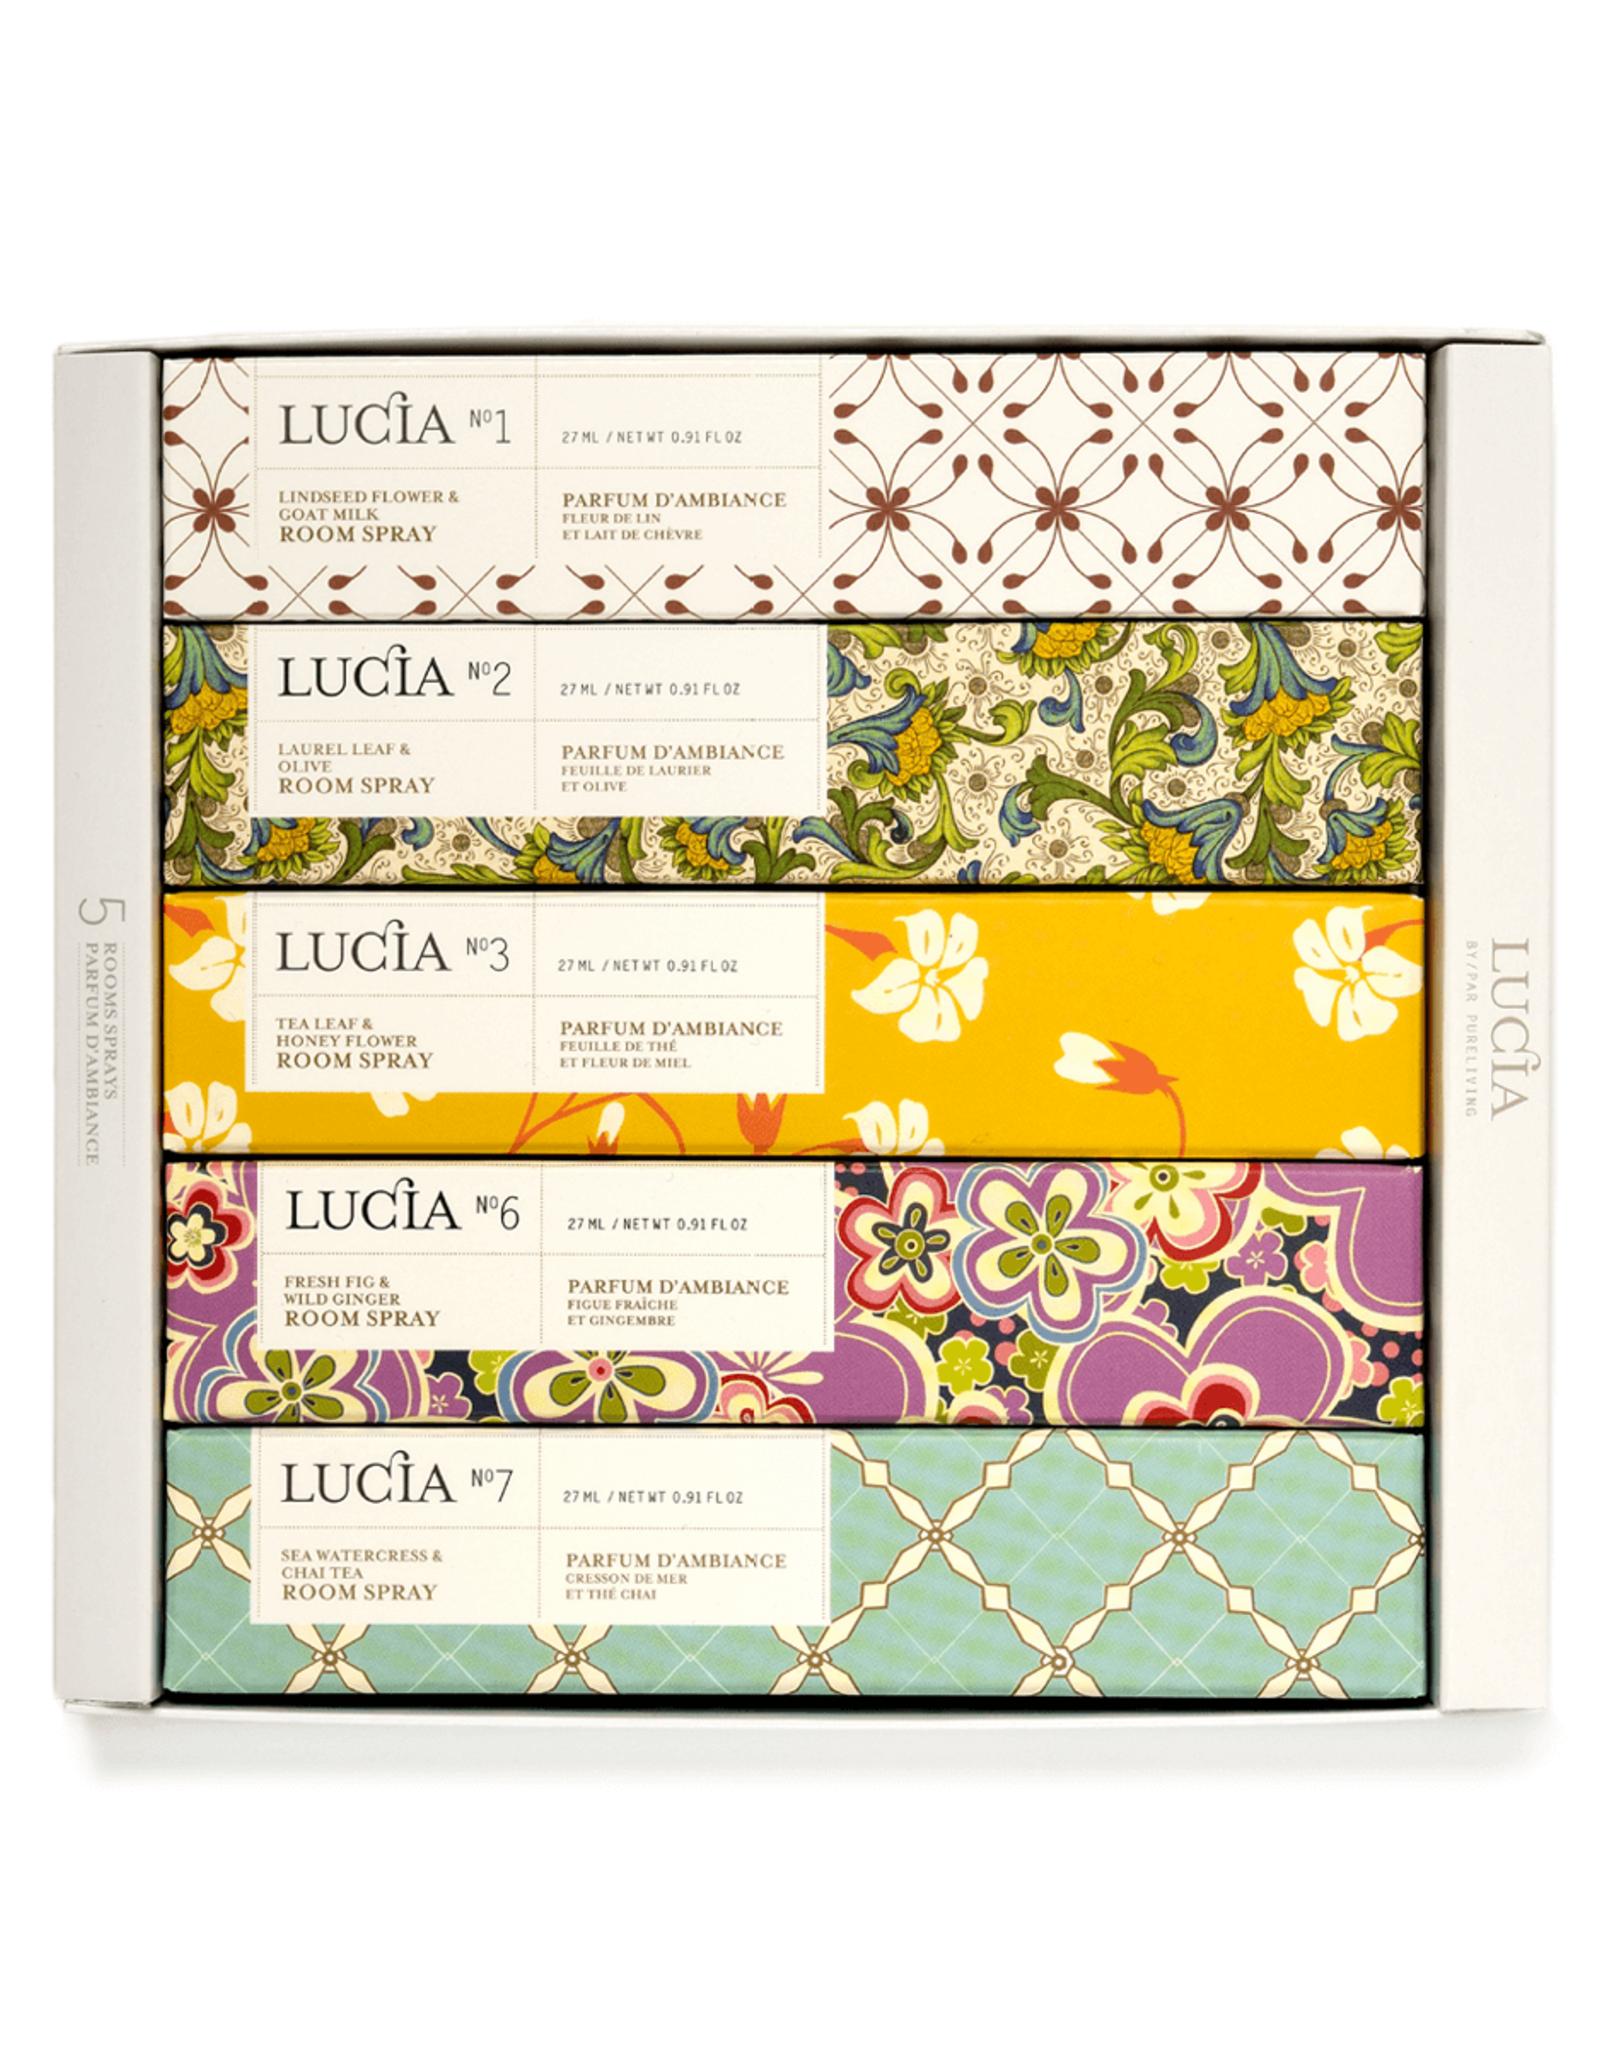 Lucia  par  Pure Living Coffret 5 parfums d'ambiance